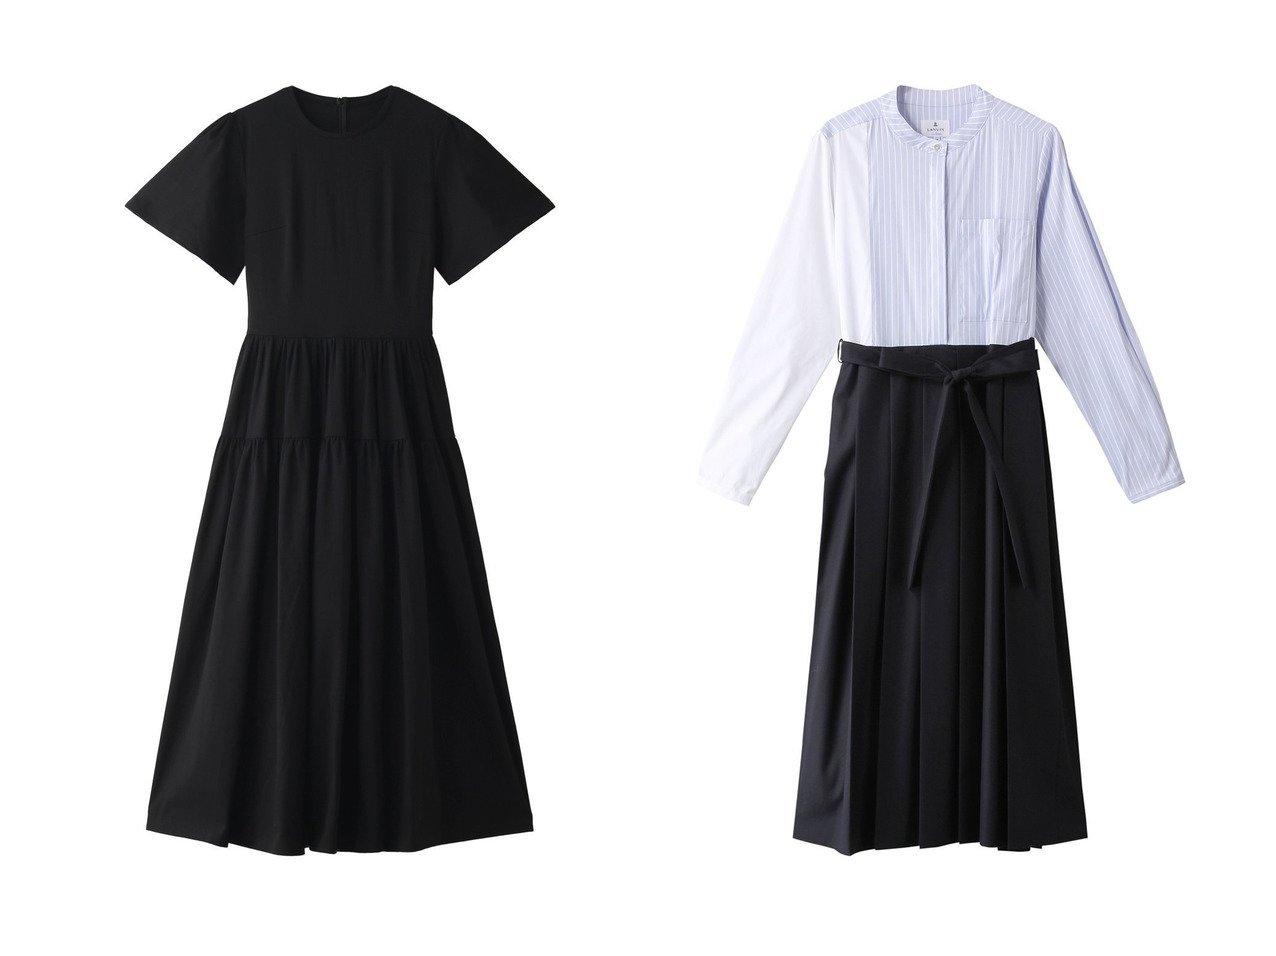 【LANVIN en Bleu/ランバン オン ブルー】のパターンMIXワンピース&【AMICA/アミカ】のスムースドレス 【ワンピース・ドレス】おすすめ!人気、トレンド・レディースファッションの通販  おすすめで人気の流行・トレンド、ファッションの通販商品 メンズファッション・キッズファッション・インテリア・家具・レディースファッション・服の通販 founy(ファニー) https://founy.com/ ファッション Fashion レディースファッション WOMEN ワンピース Dress ドレス Party Dresses 2021年 2021 2021春夏・S/S SS/Spring/Summer/2021 S/S・春夏 SS・Spring/Summer パーティ フィット ロング 春 Spring ストライプ ドッキング パターン プリーツ 無地 |ID:crp329100000027654